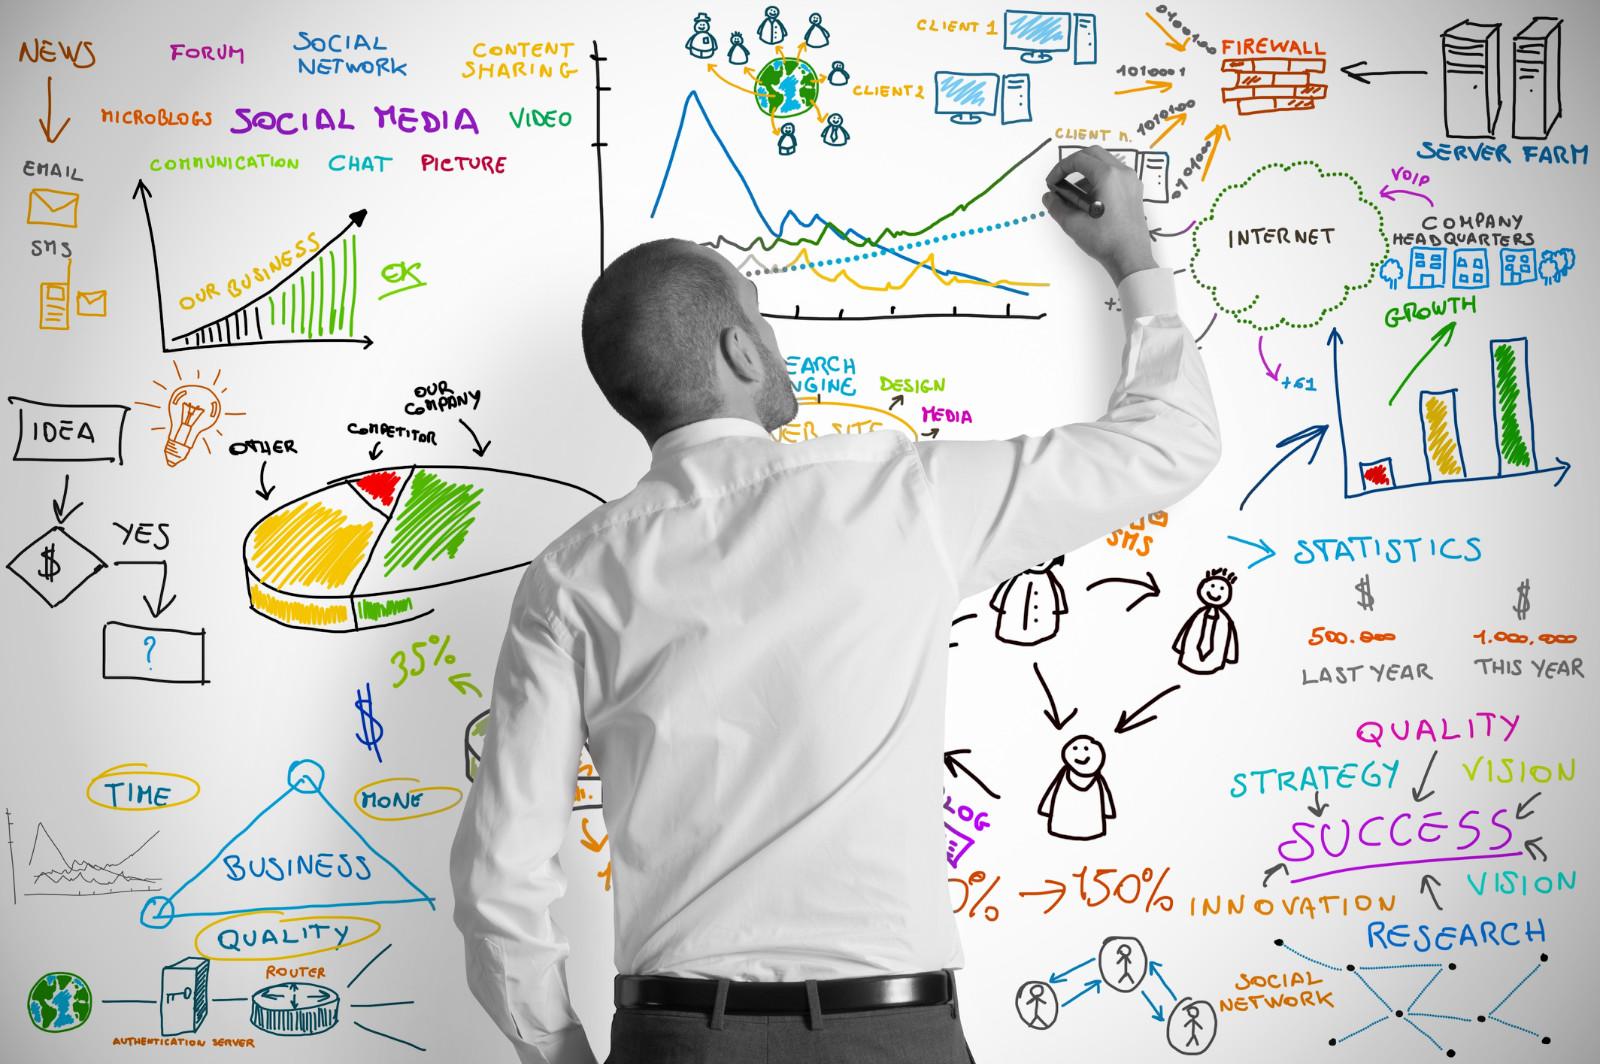 ICO là gì ? Tản mạn về hình thức đón sóng đầu tư bằng ICO